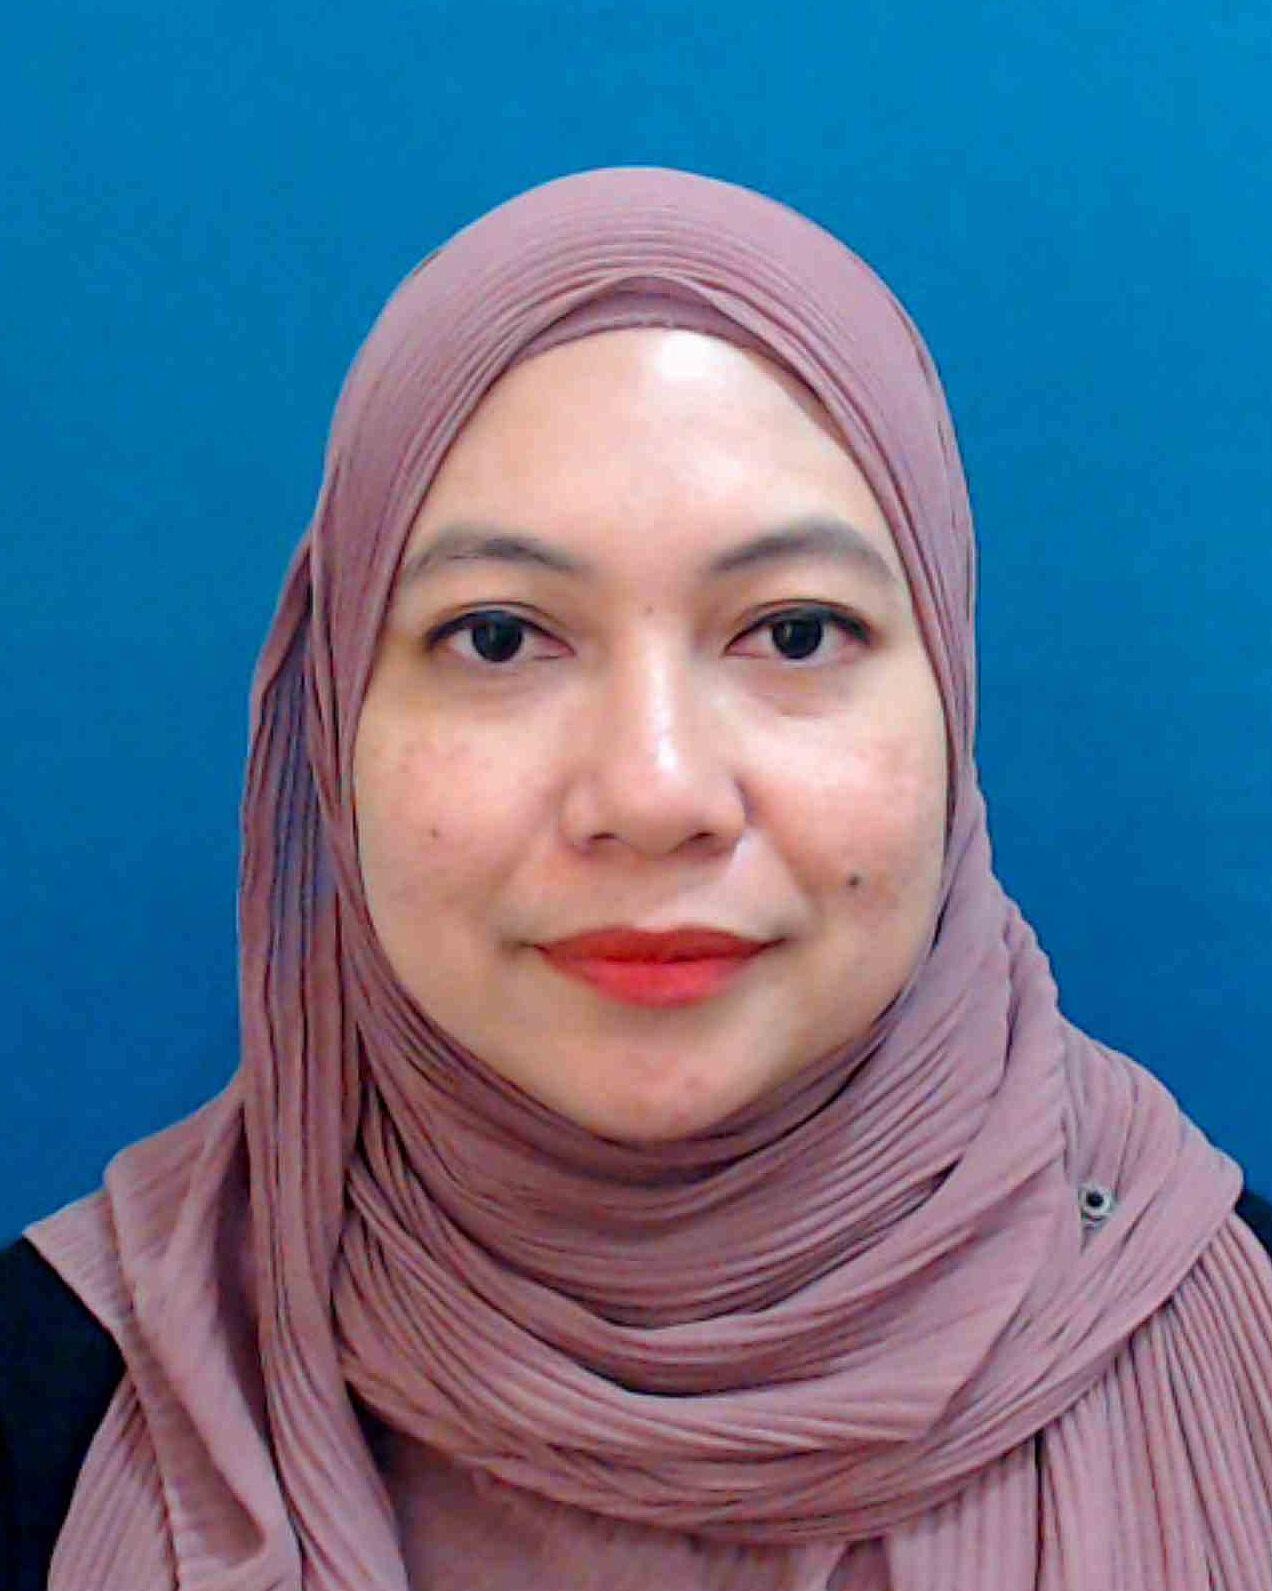 Fatimah Maryam Bt. Ali